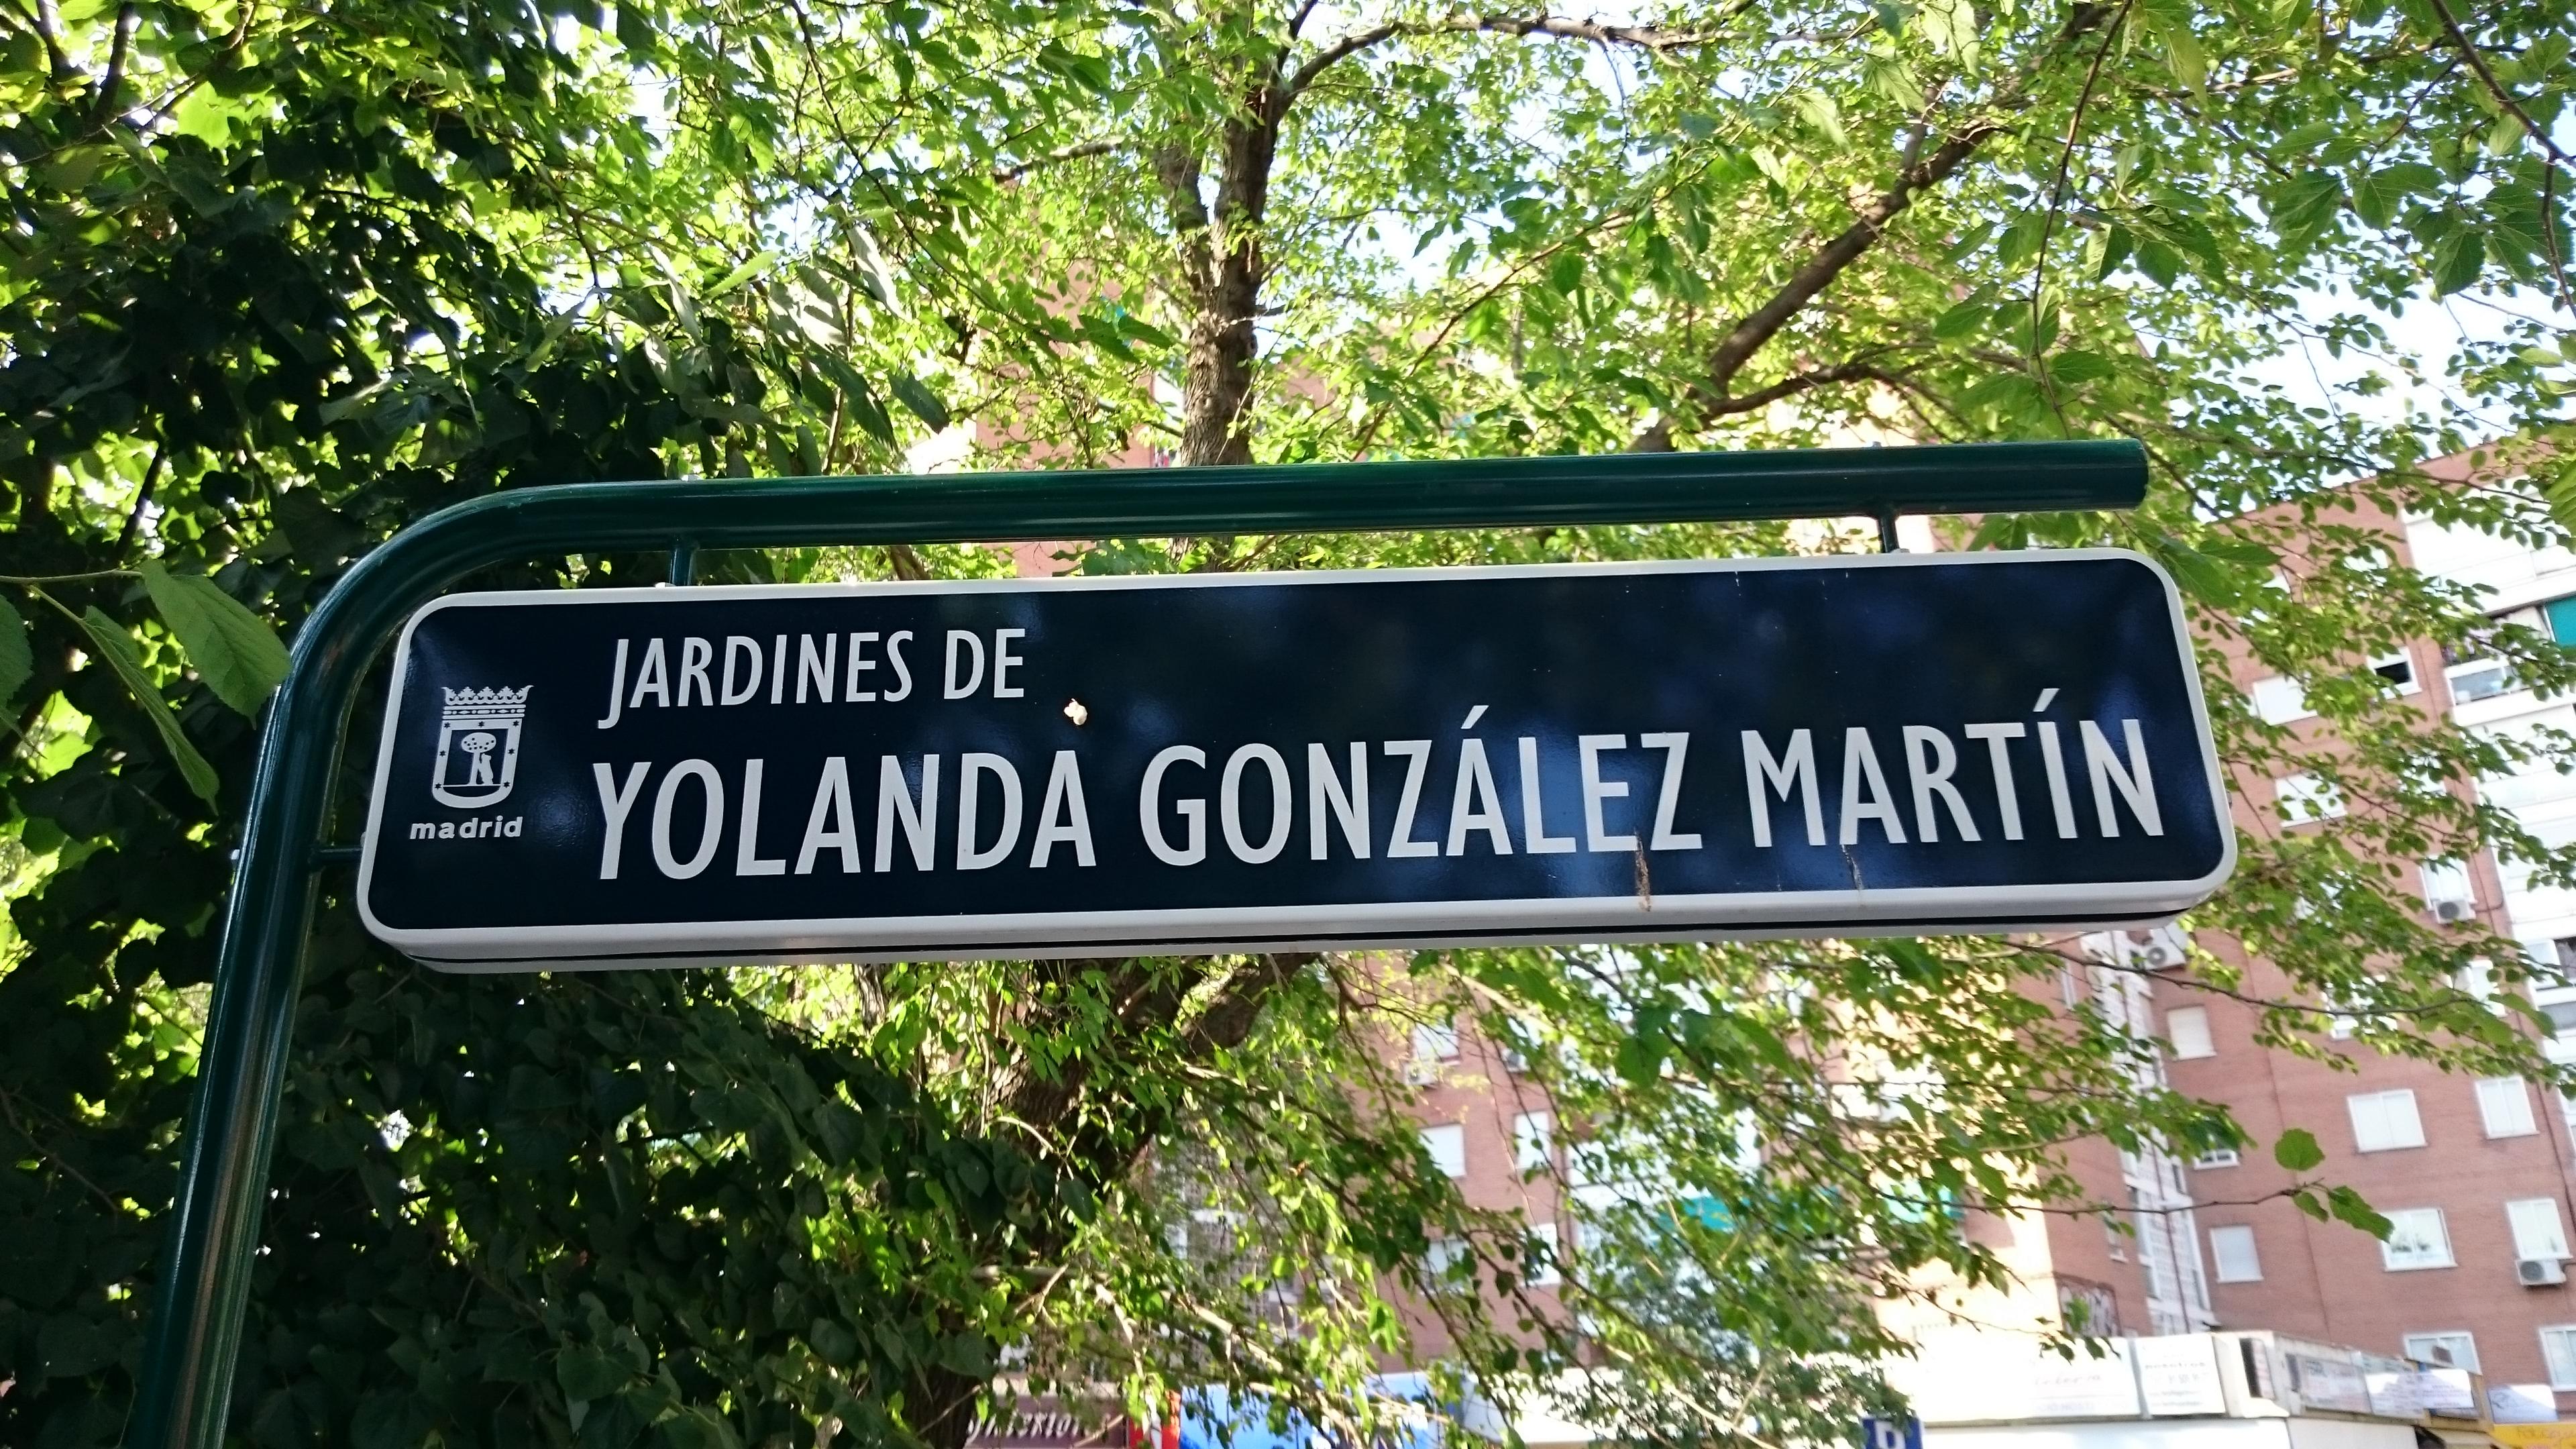 Archivo jardines de yolanda gonz lez 28 de junio de 2015 for Jardines 29 madrid